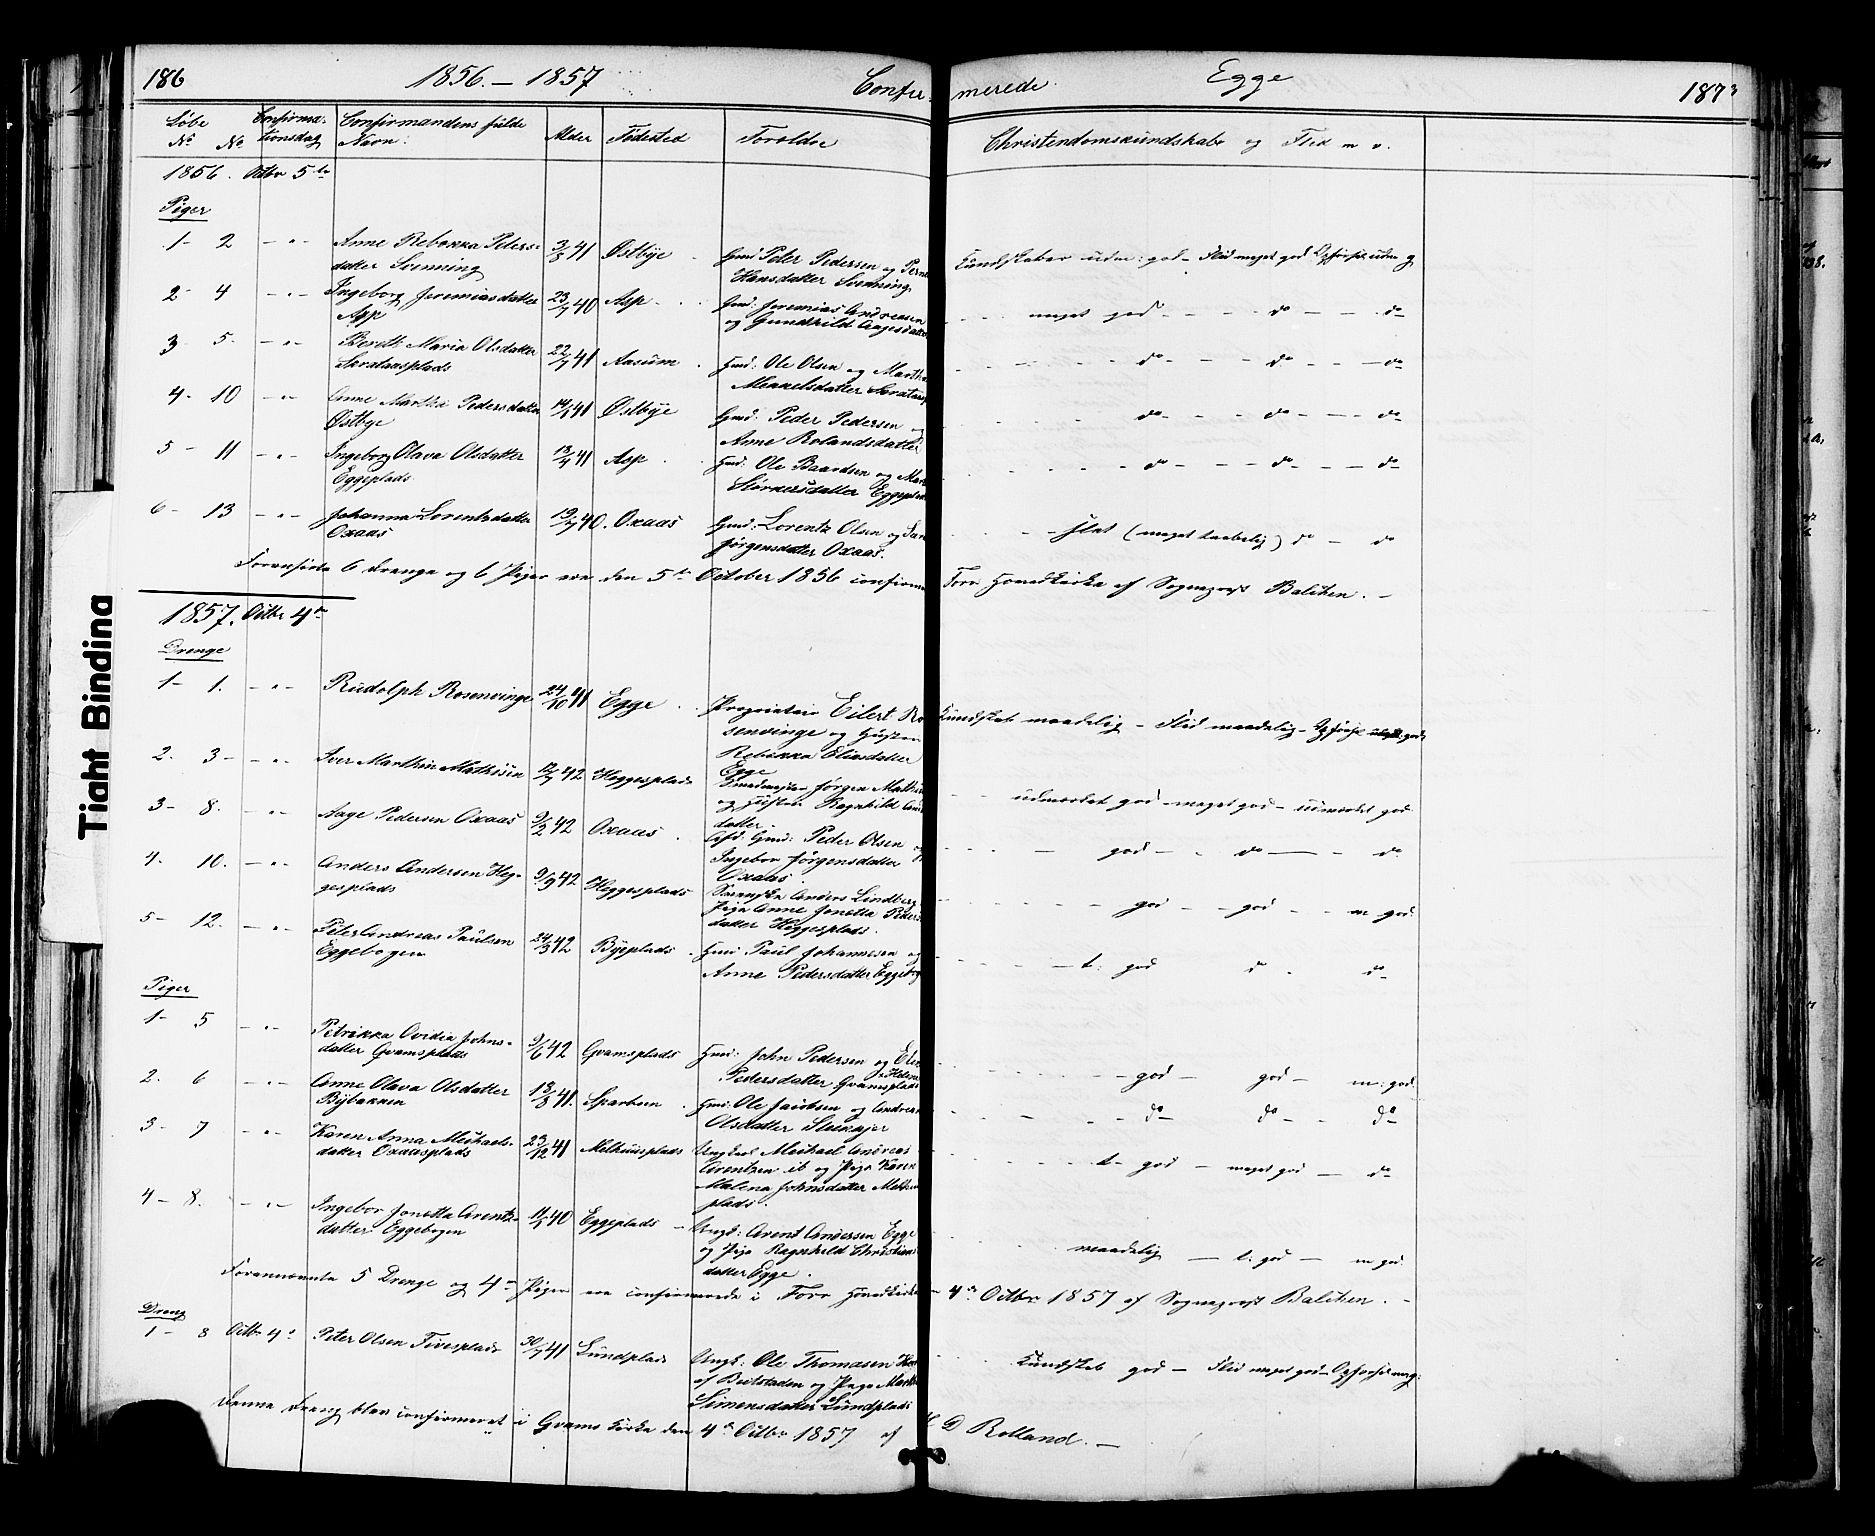 SAT, Ministerialprotokoller, klokkerbøker og fødselsregistre - Nord-Trøndelag, 739/L0367: Ministerialbok nr. 739A01 /3, 1838-1868, s. 186-187